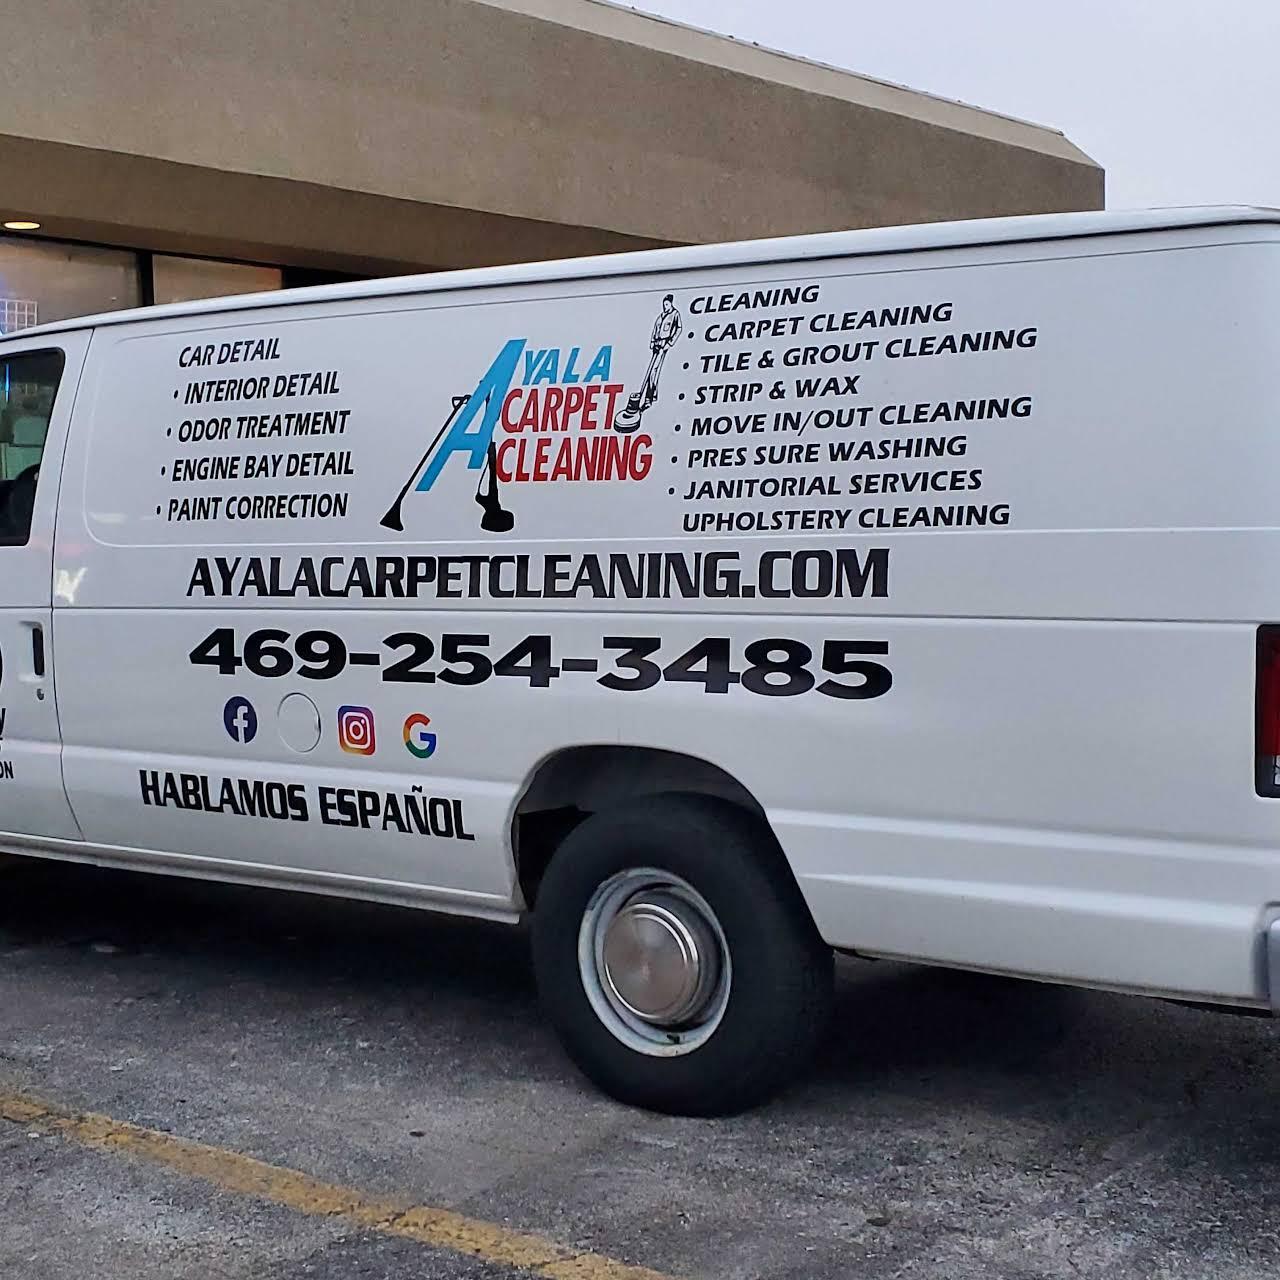 Ayala carpet cleaning & car detailing